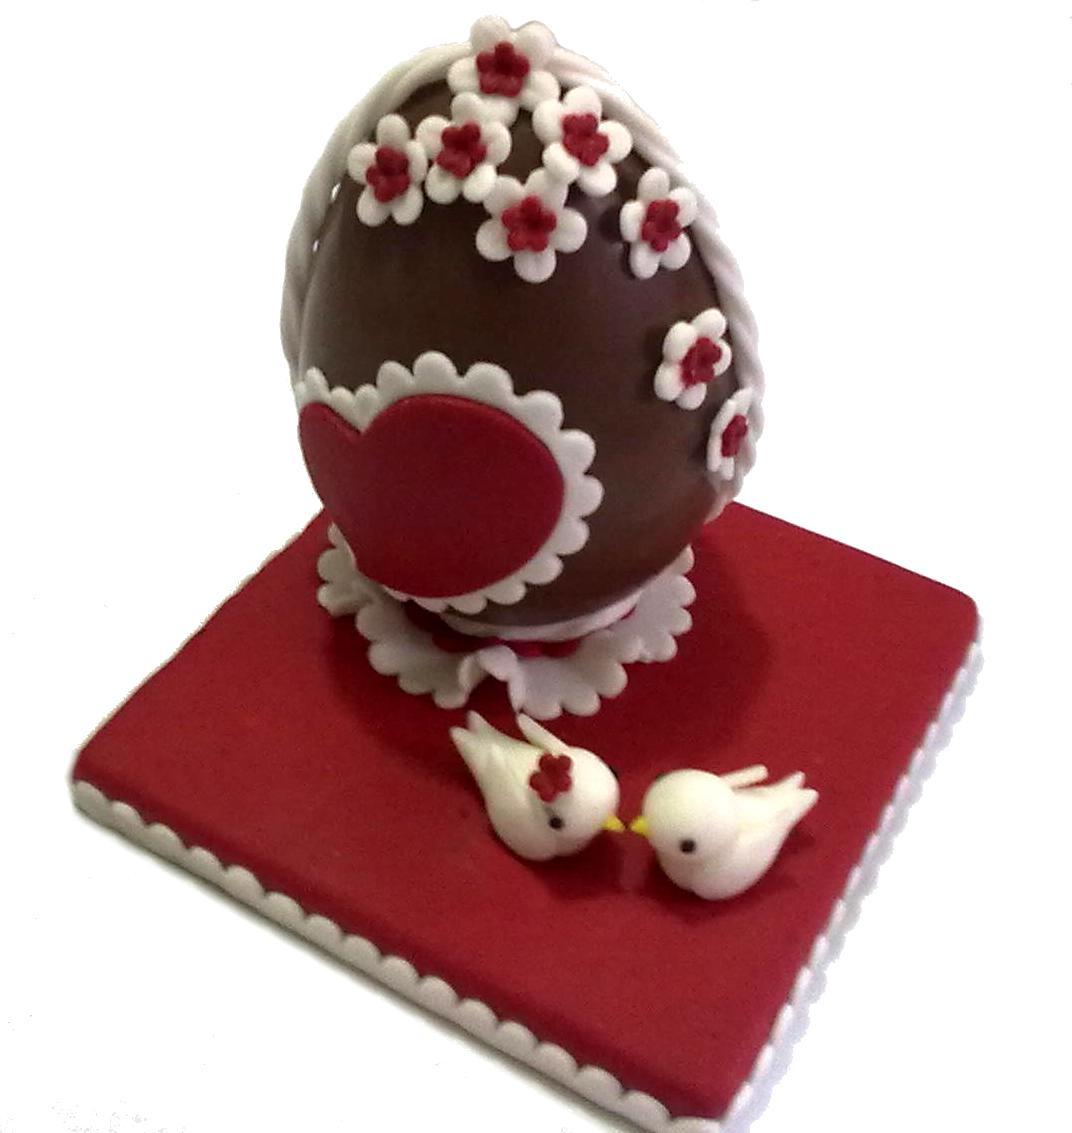 Alessandra e i suoi dolci uovo di pasqua decorato - Uova di pasqua decorati a mano ...